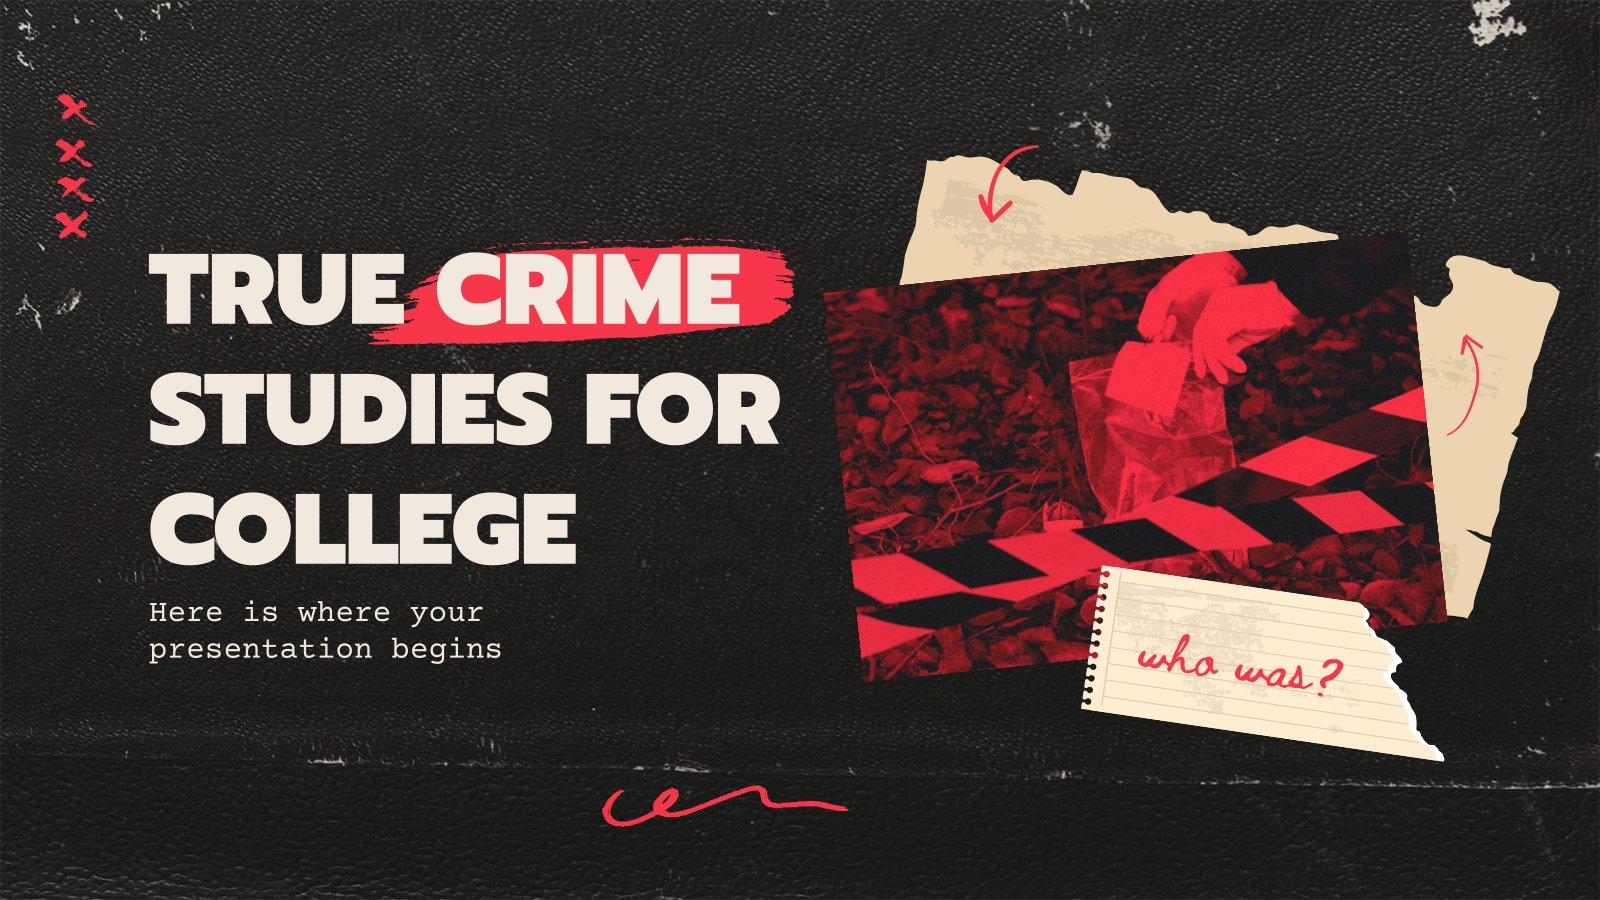 Modelo de apresentação Estudos de crimes verdadeiros para a faculdade